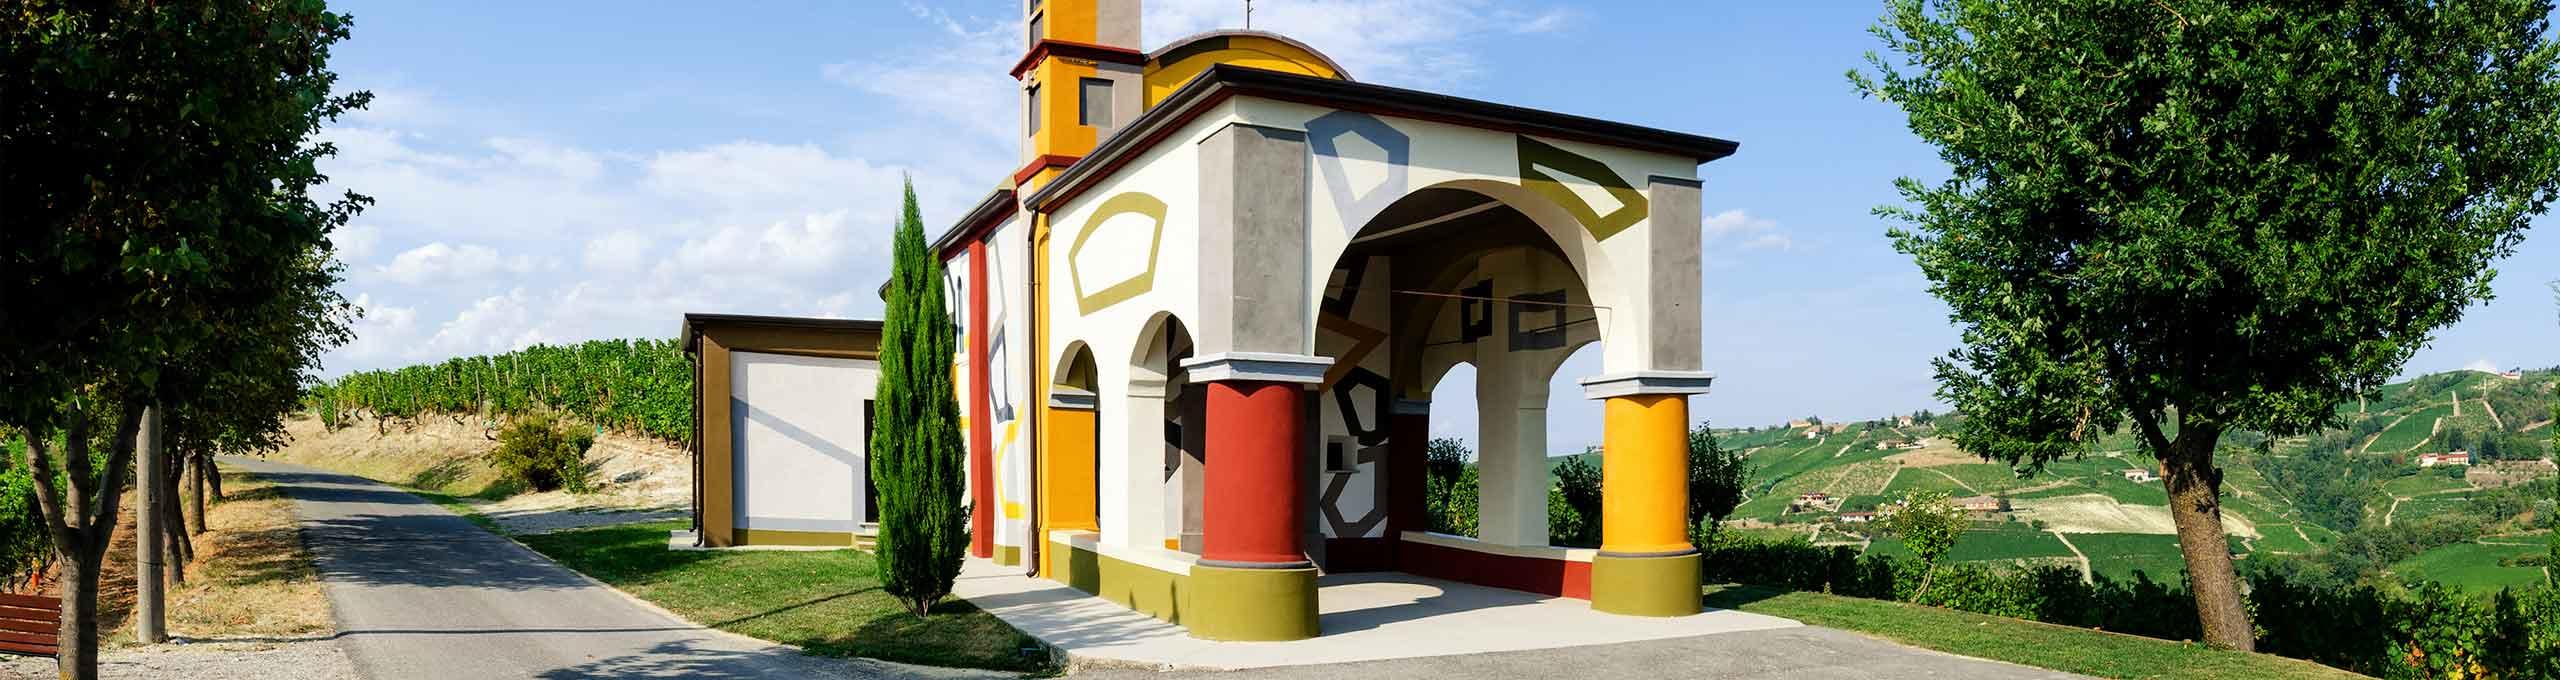 Coazzolo, colline tra Langa e Monferrato, Chiesa Maria del Carmine